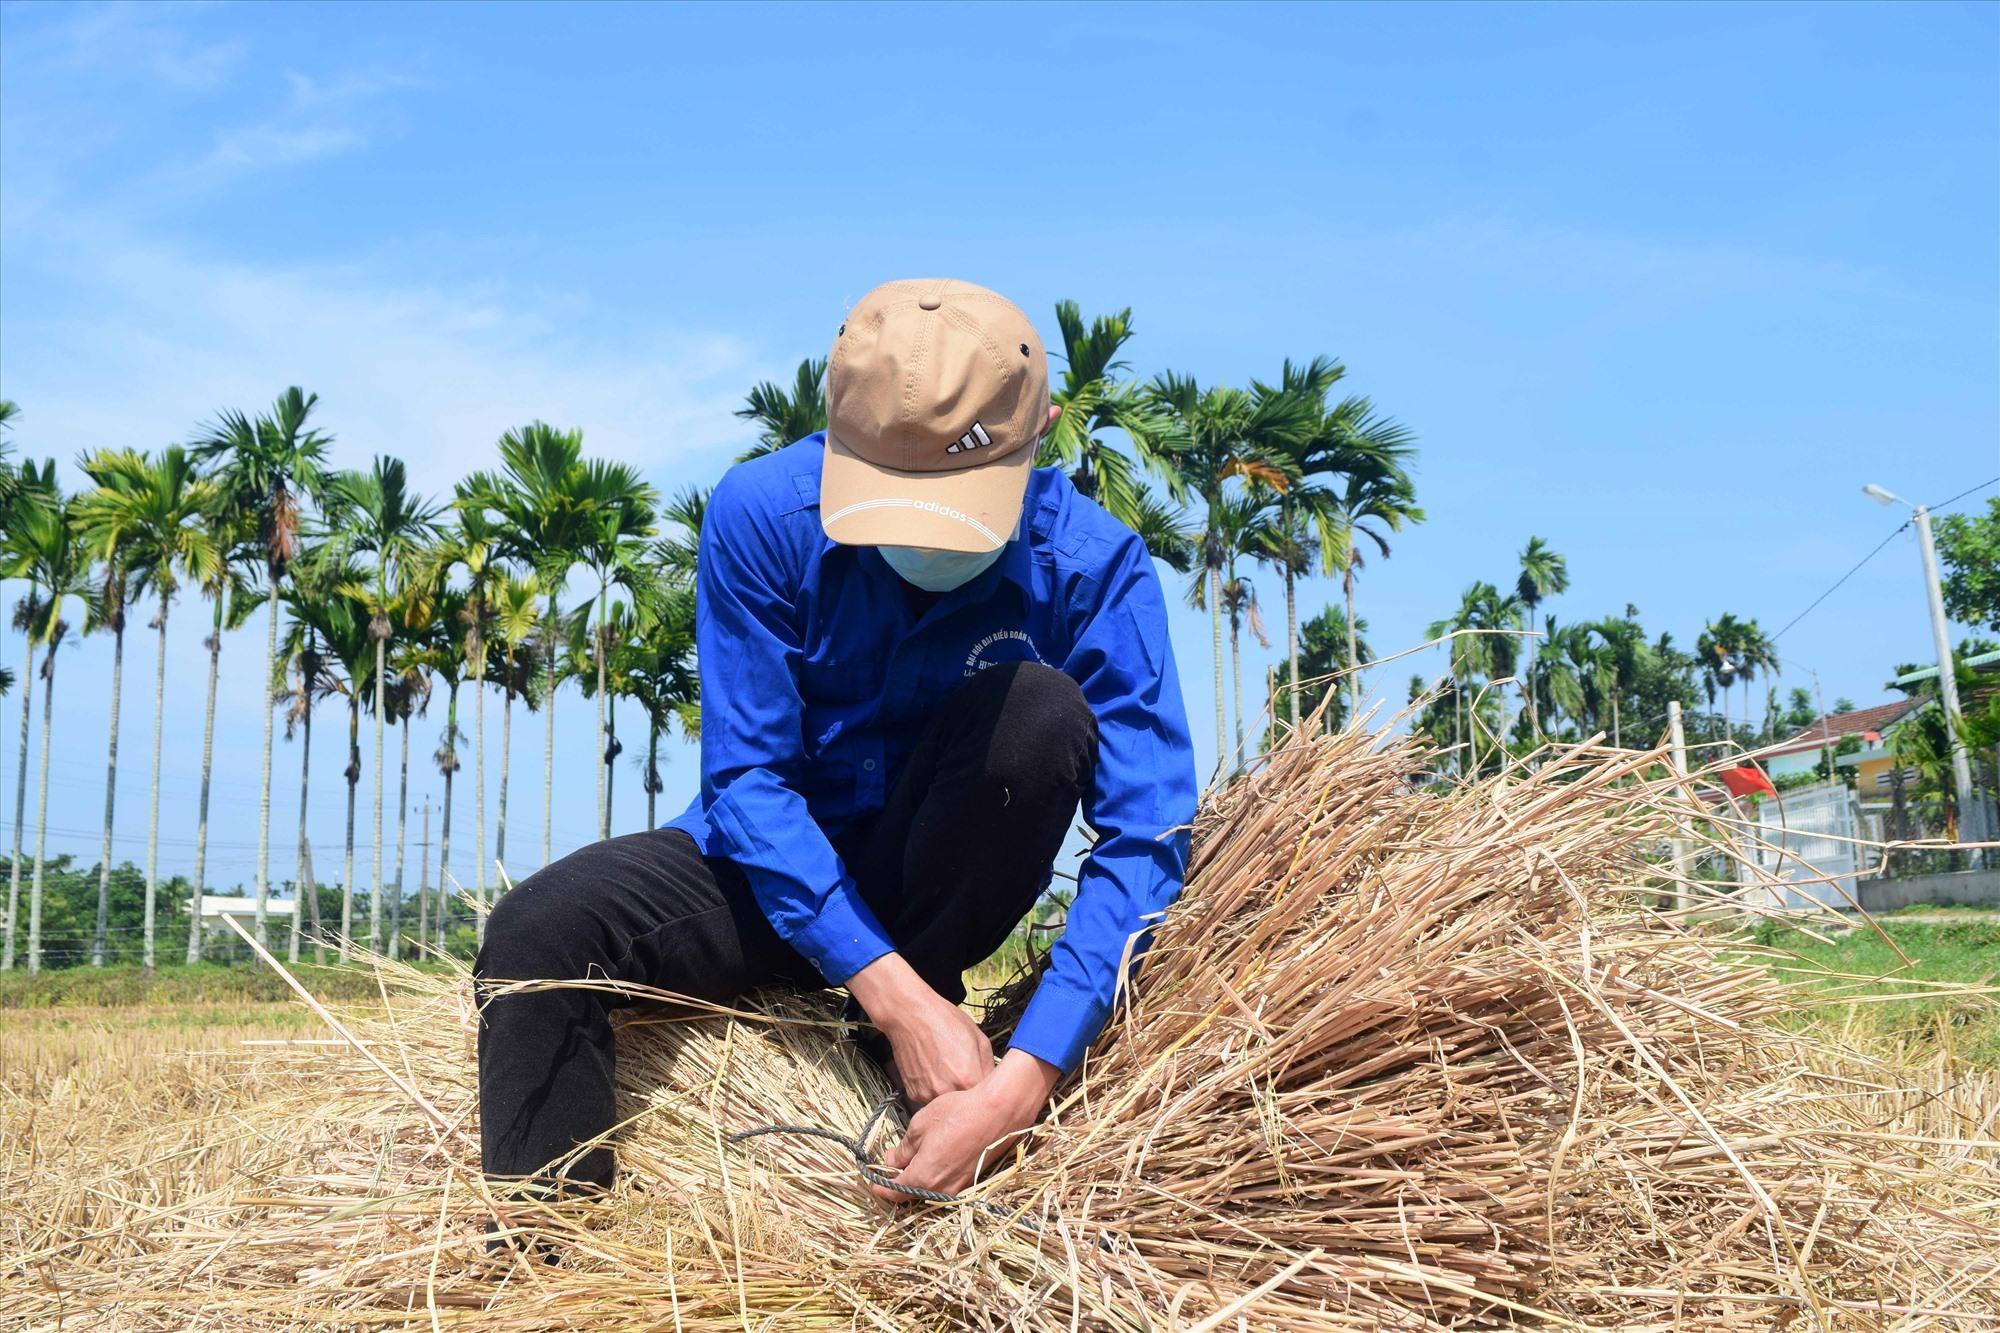 Các bạn tham gia hoạt động đều là con nhà nông nên thành thạo kỹ năng. Ảnh: THÁI CƯỜNG